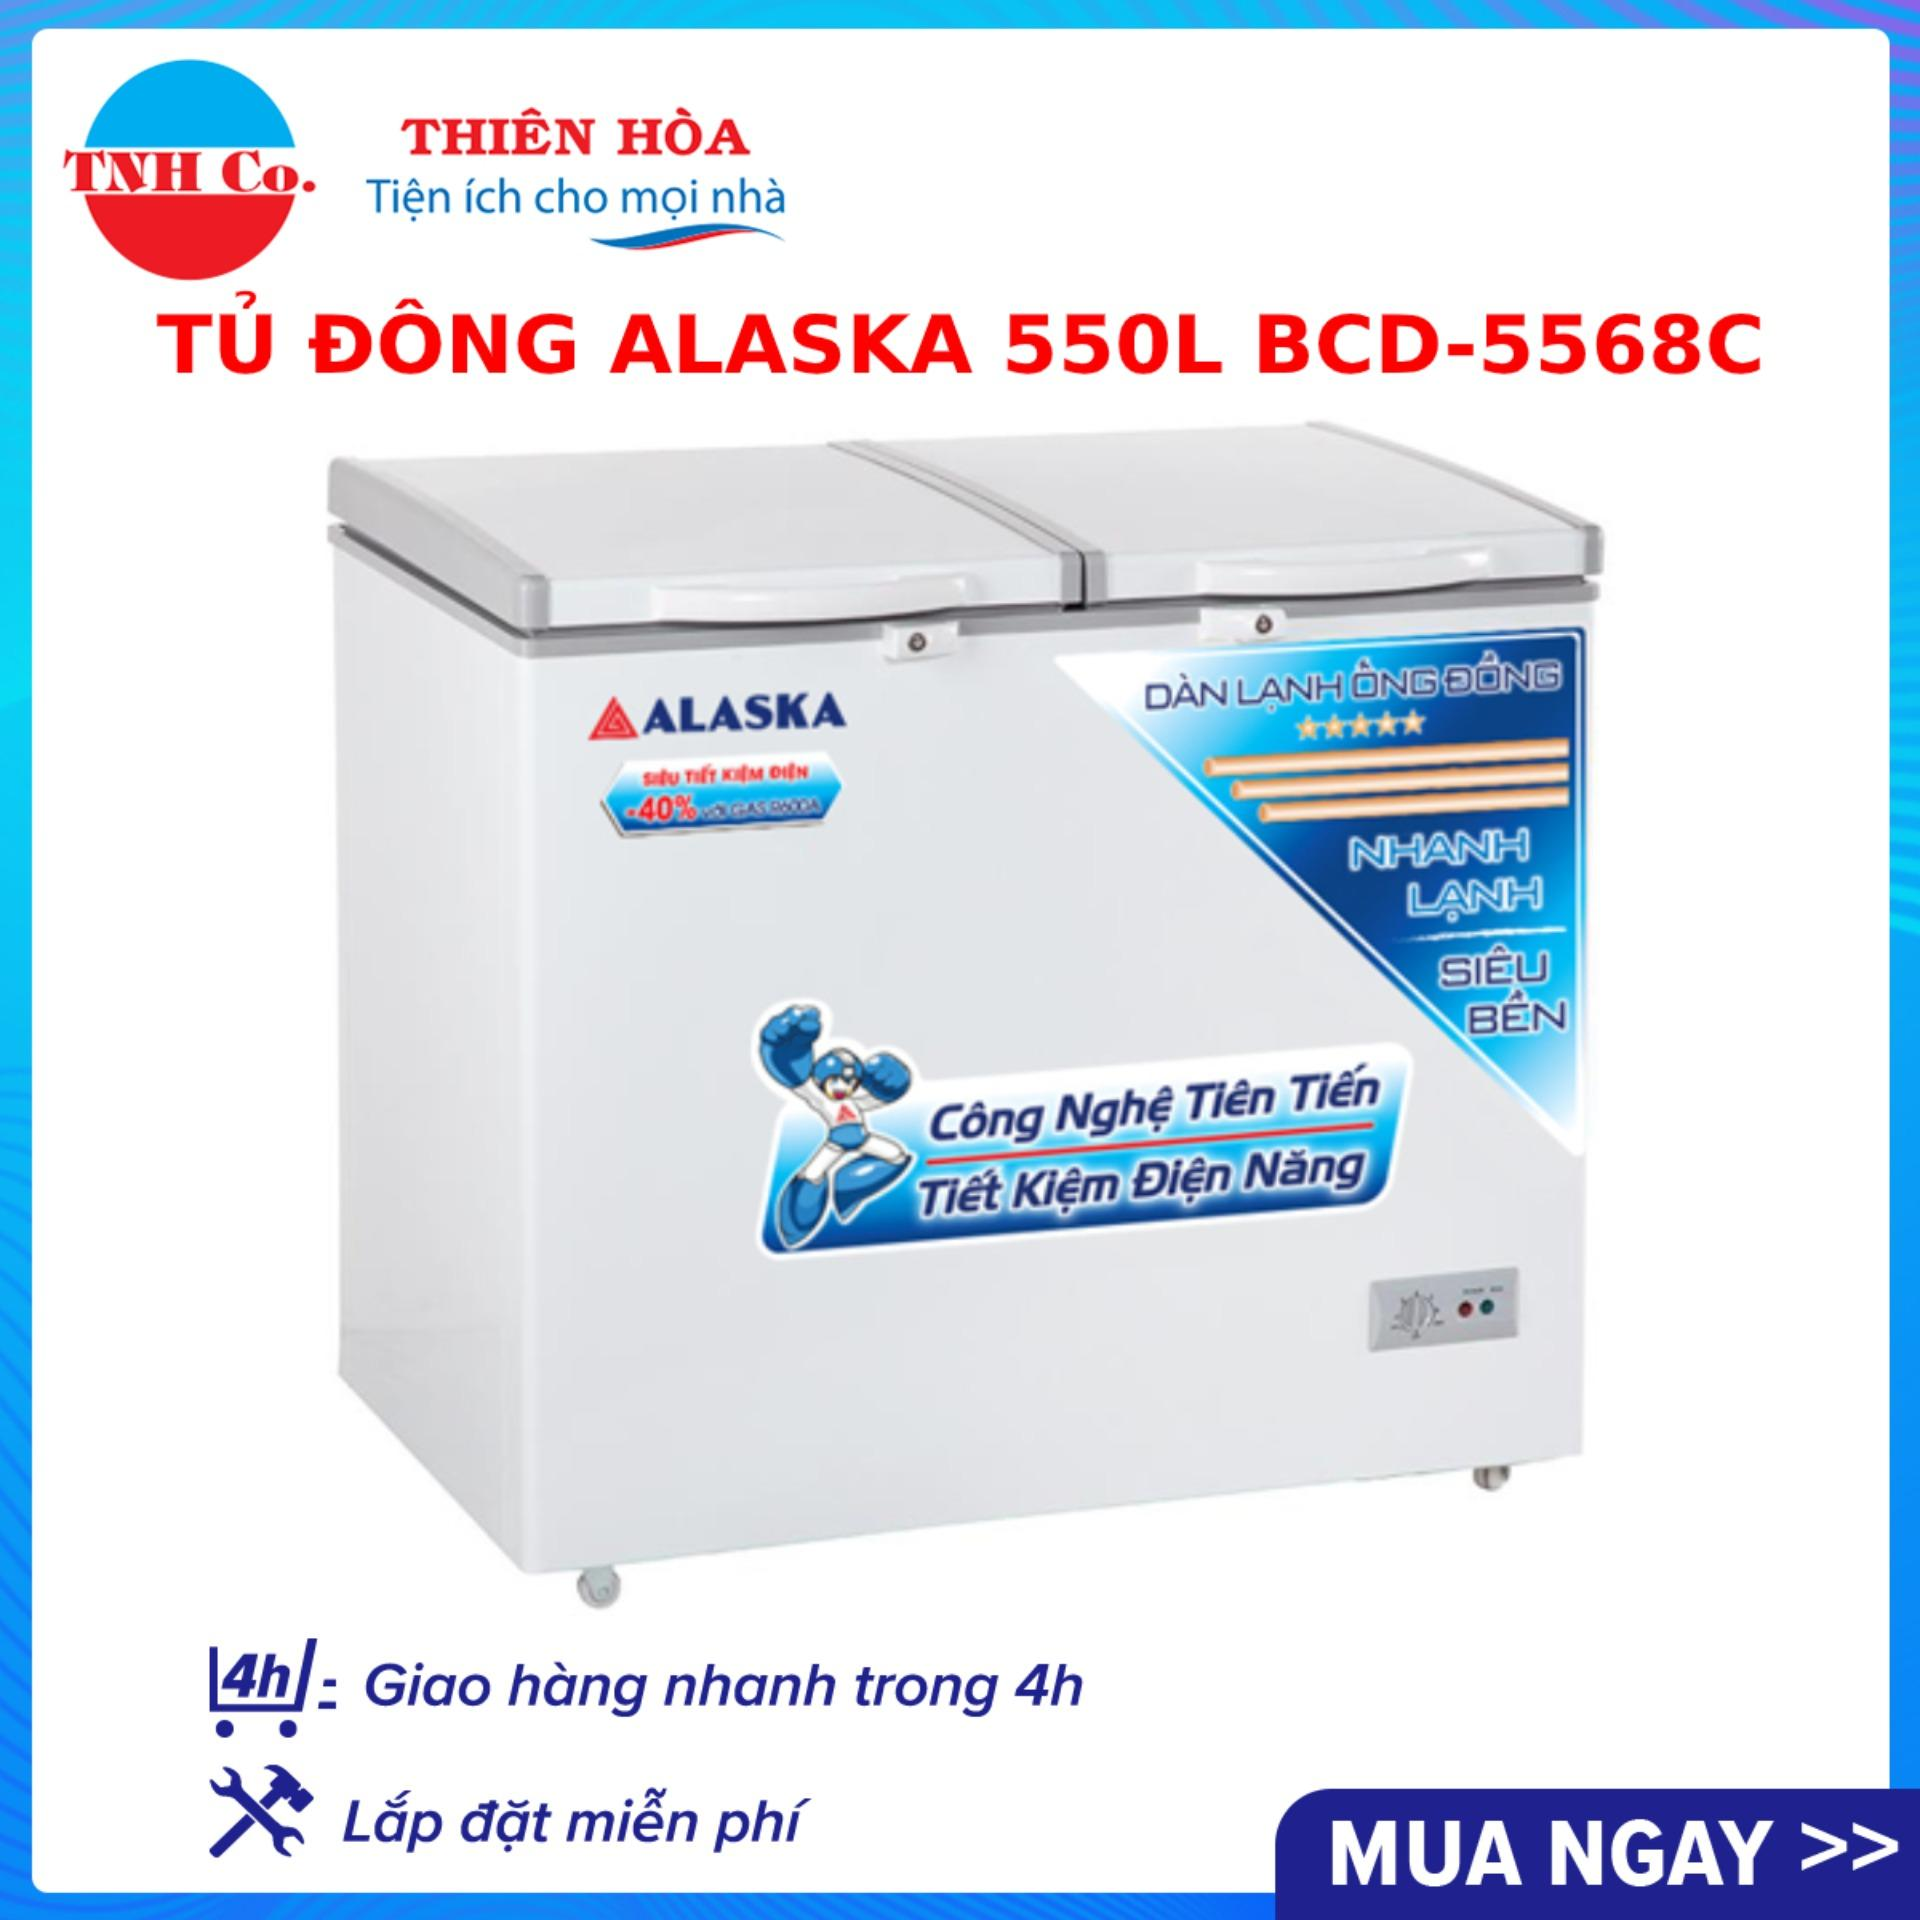 Bảng giá Tủ đông Alaska 550 lít BCD-5568C Điện máy Pico